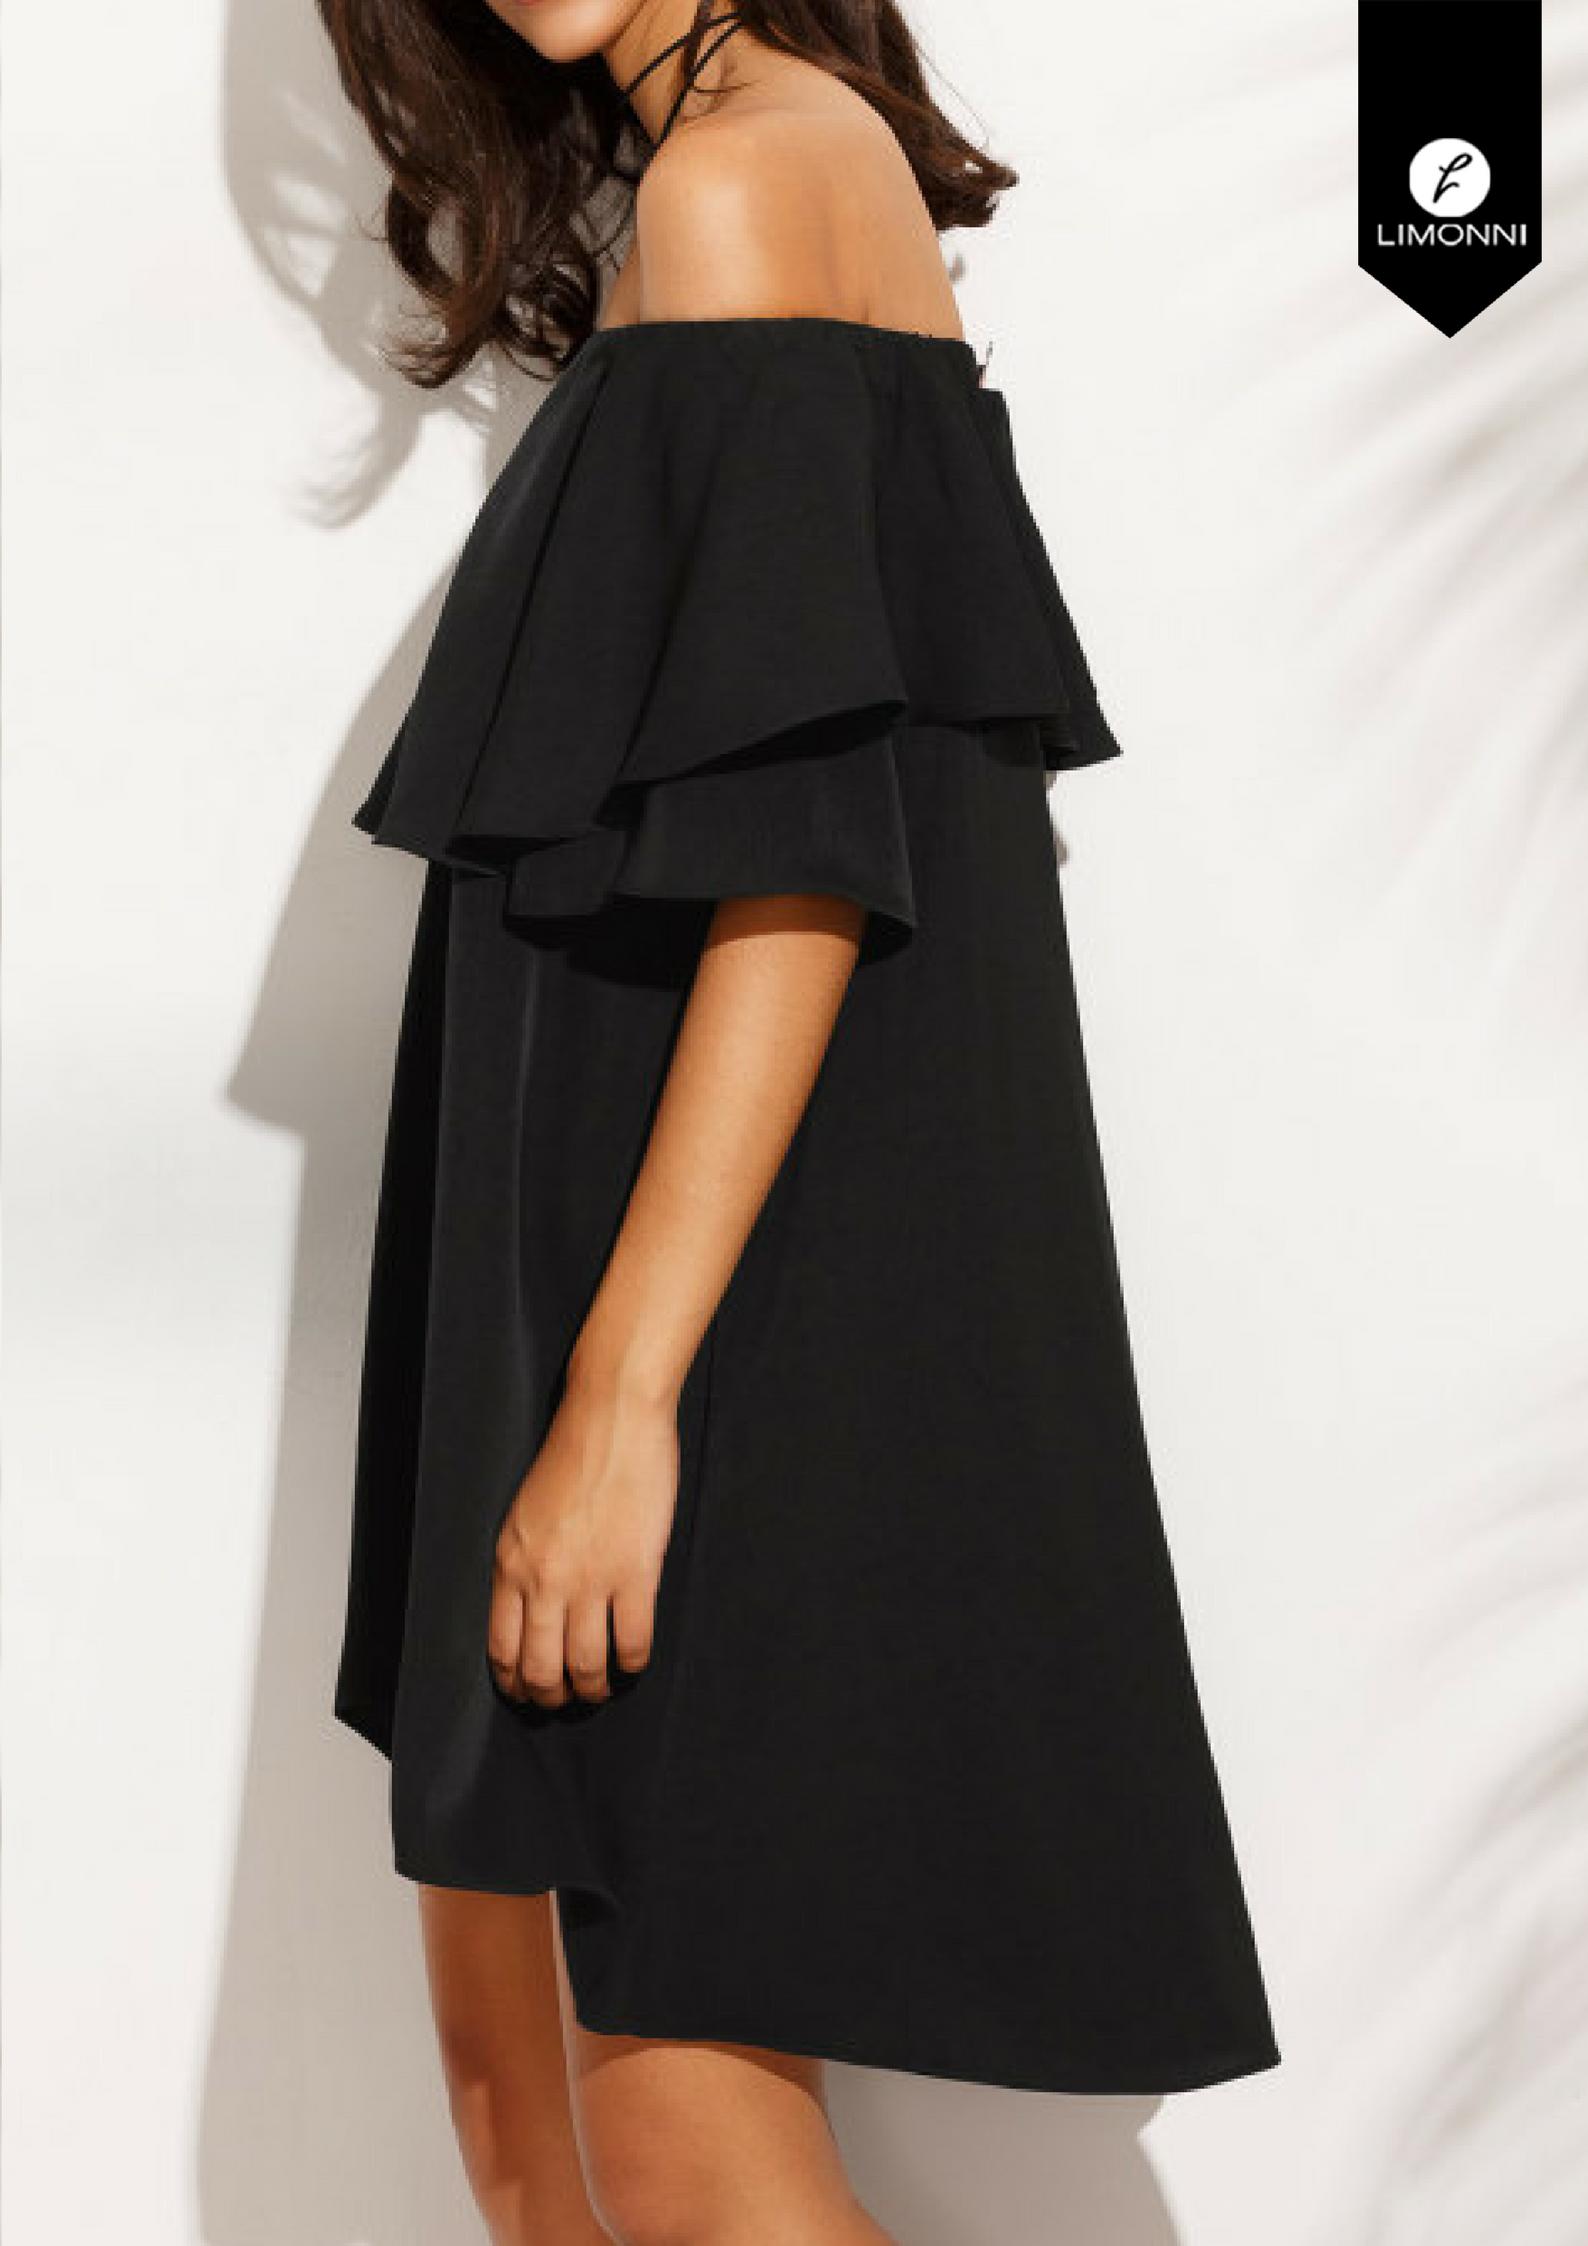 Vestidos para mujer Limonni Novalee LI1494 Cortos Casuales